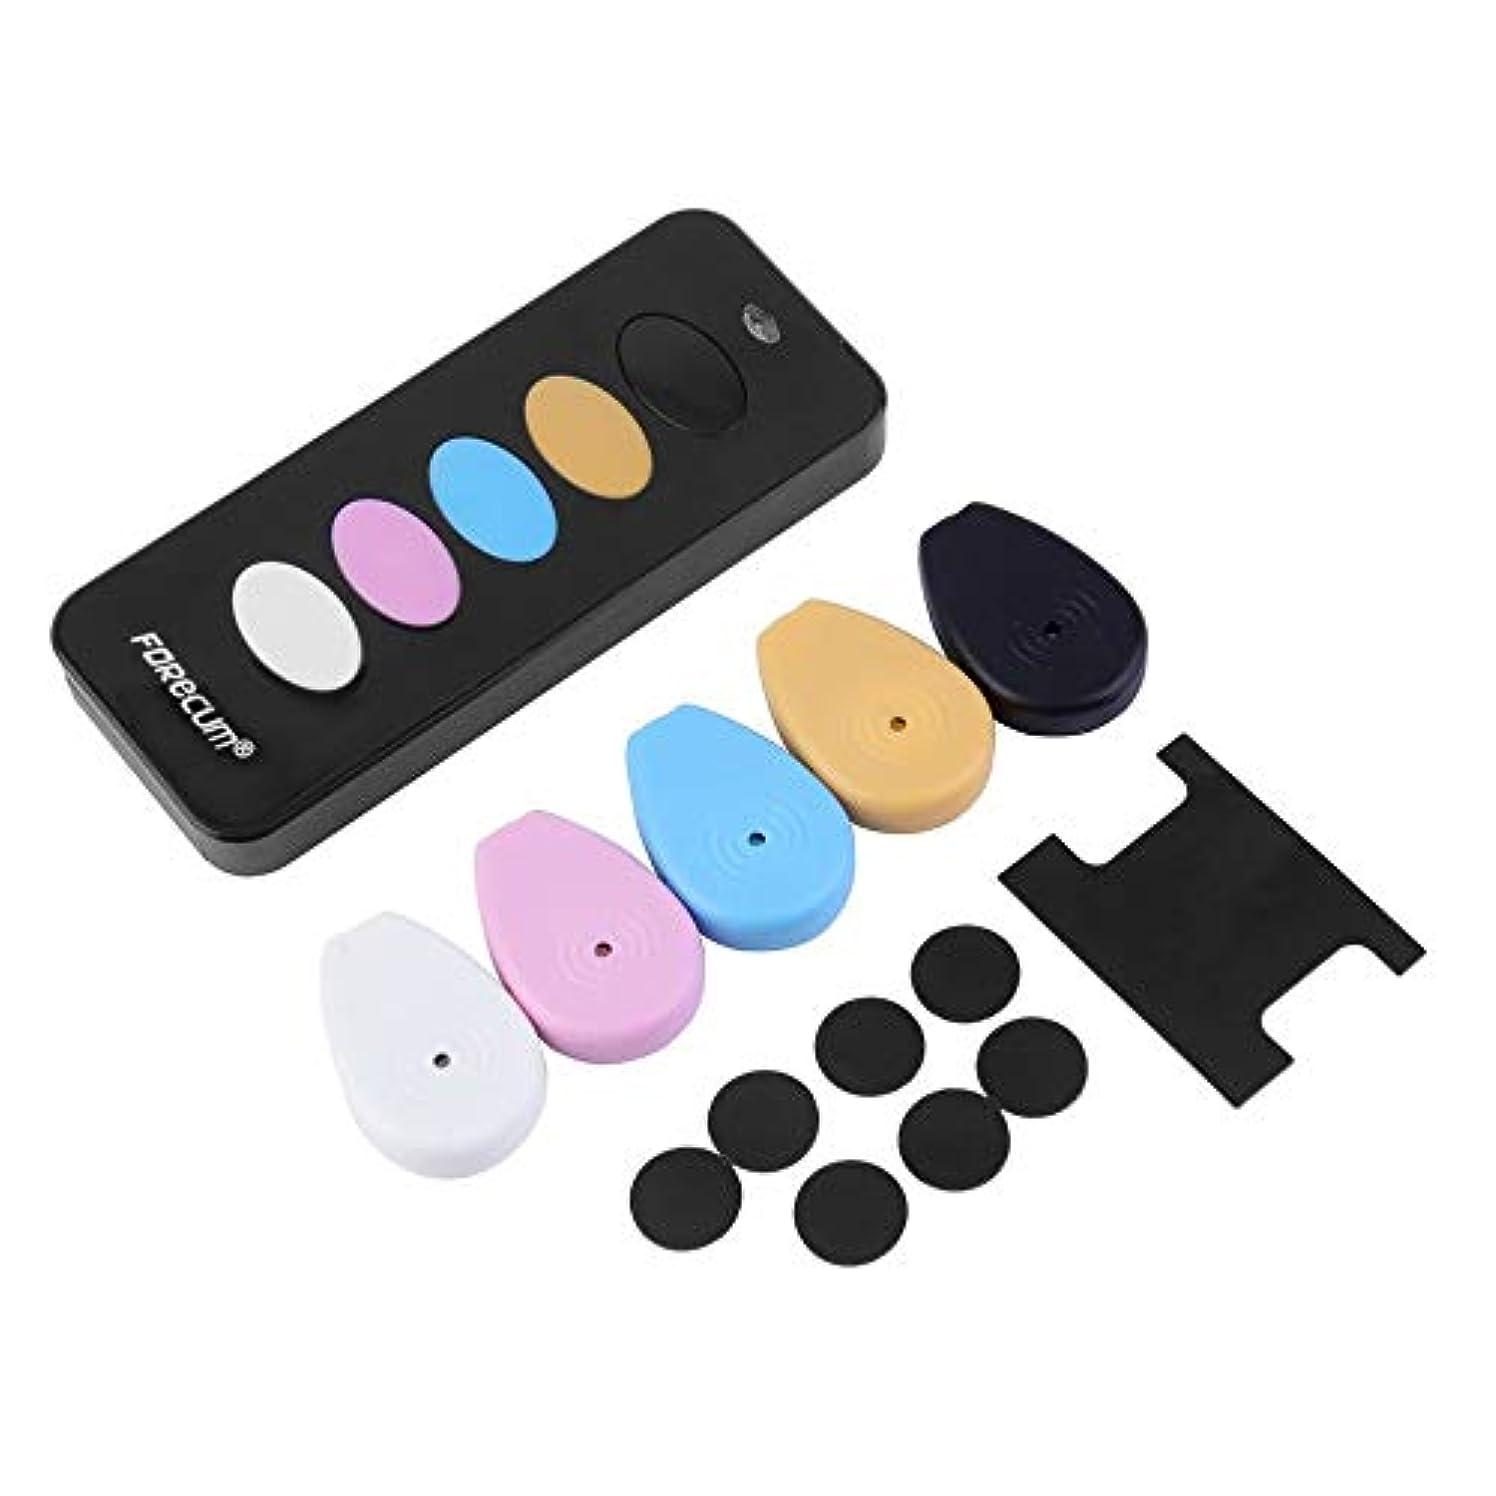 5 in 1 Wireless Finder FK-385-A Water Drop Shape Remote Key Wallet Locator